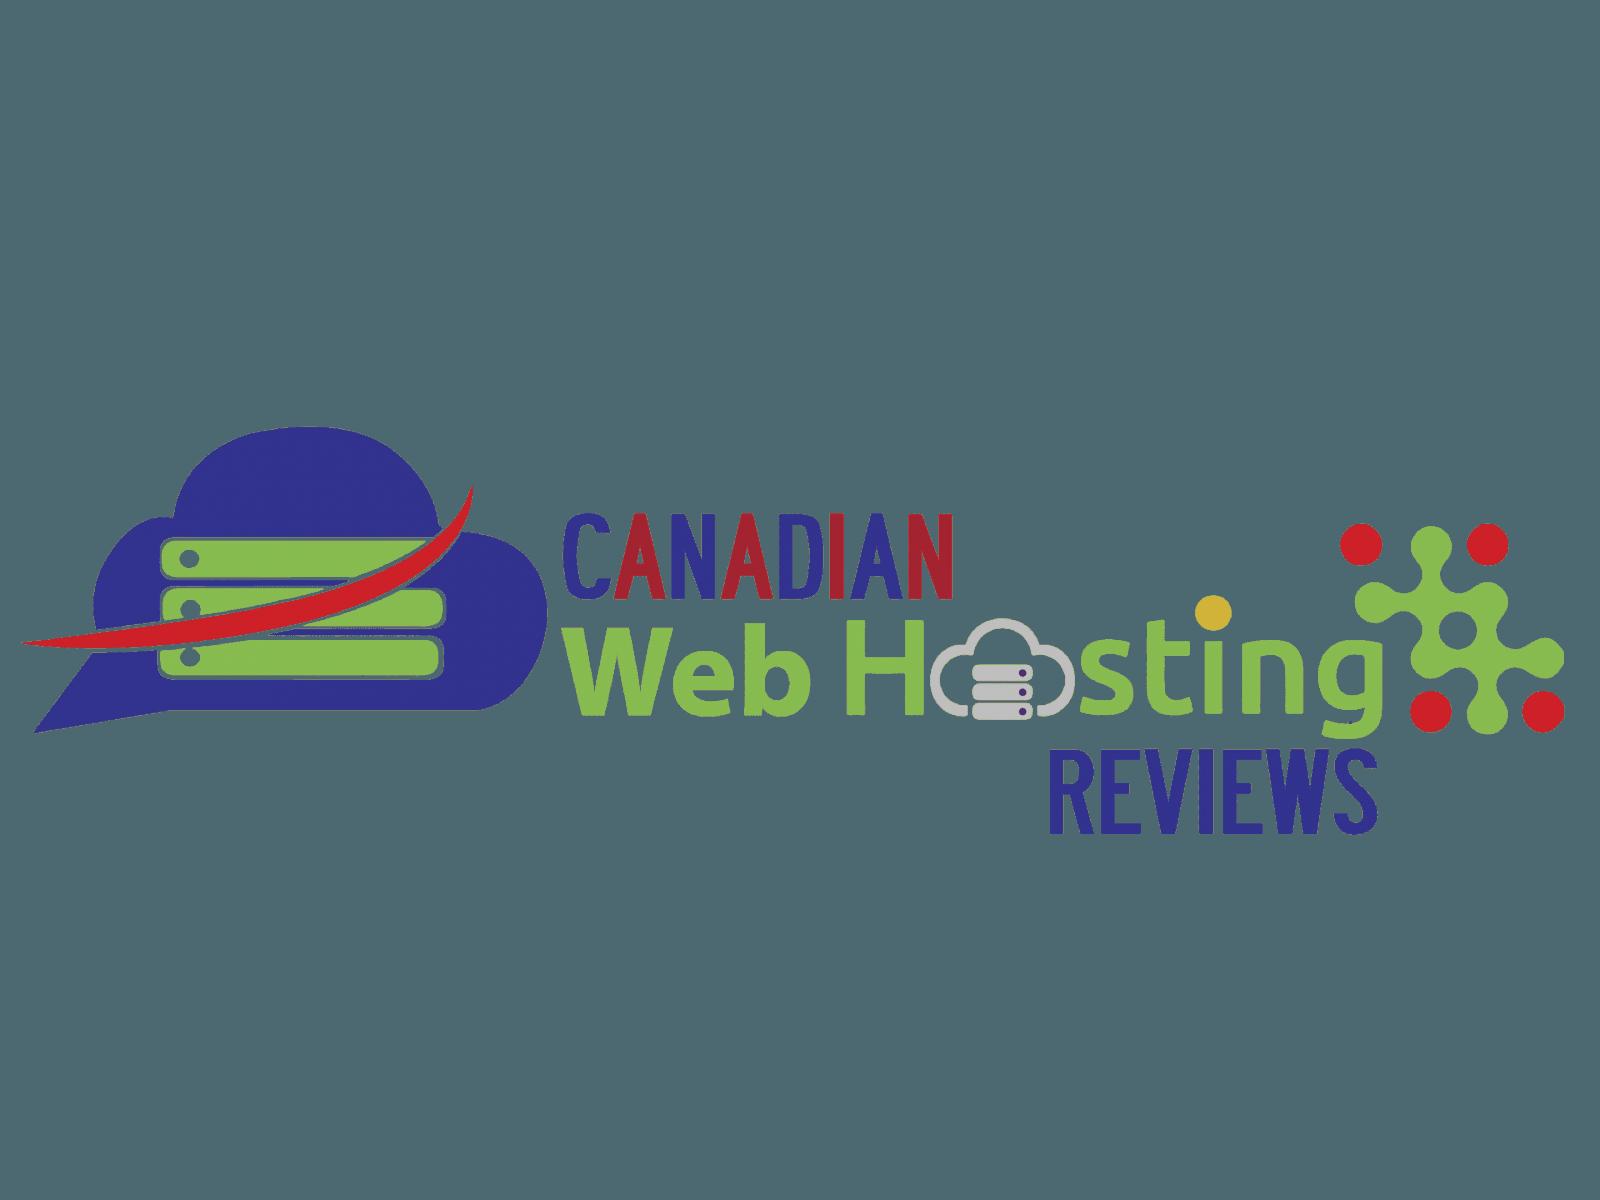 canadian web hosting reviews logo